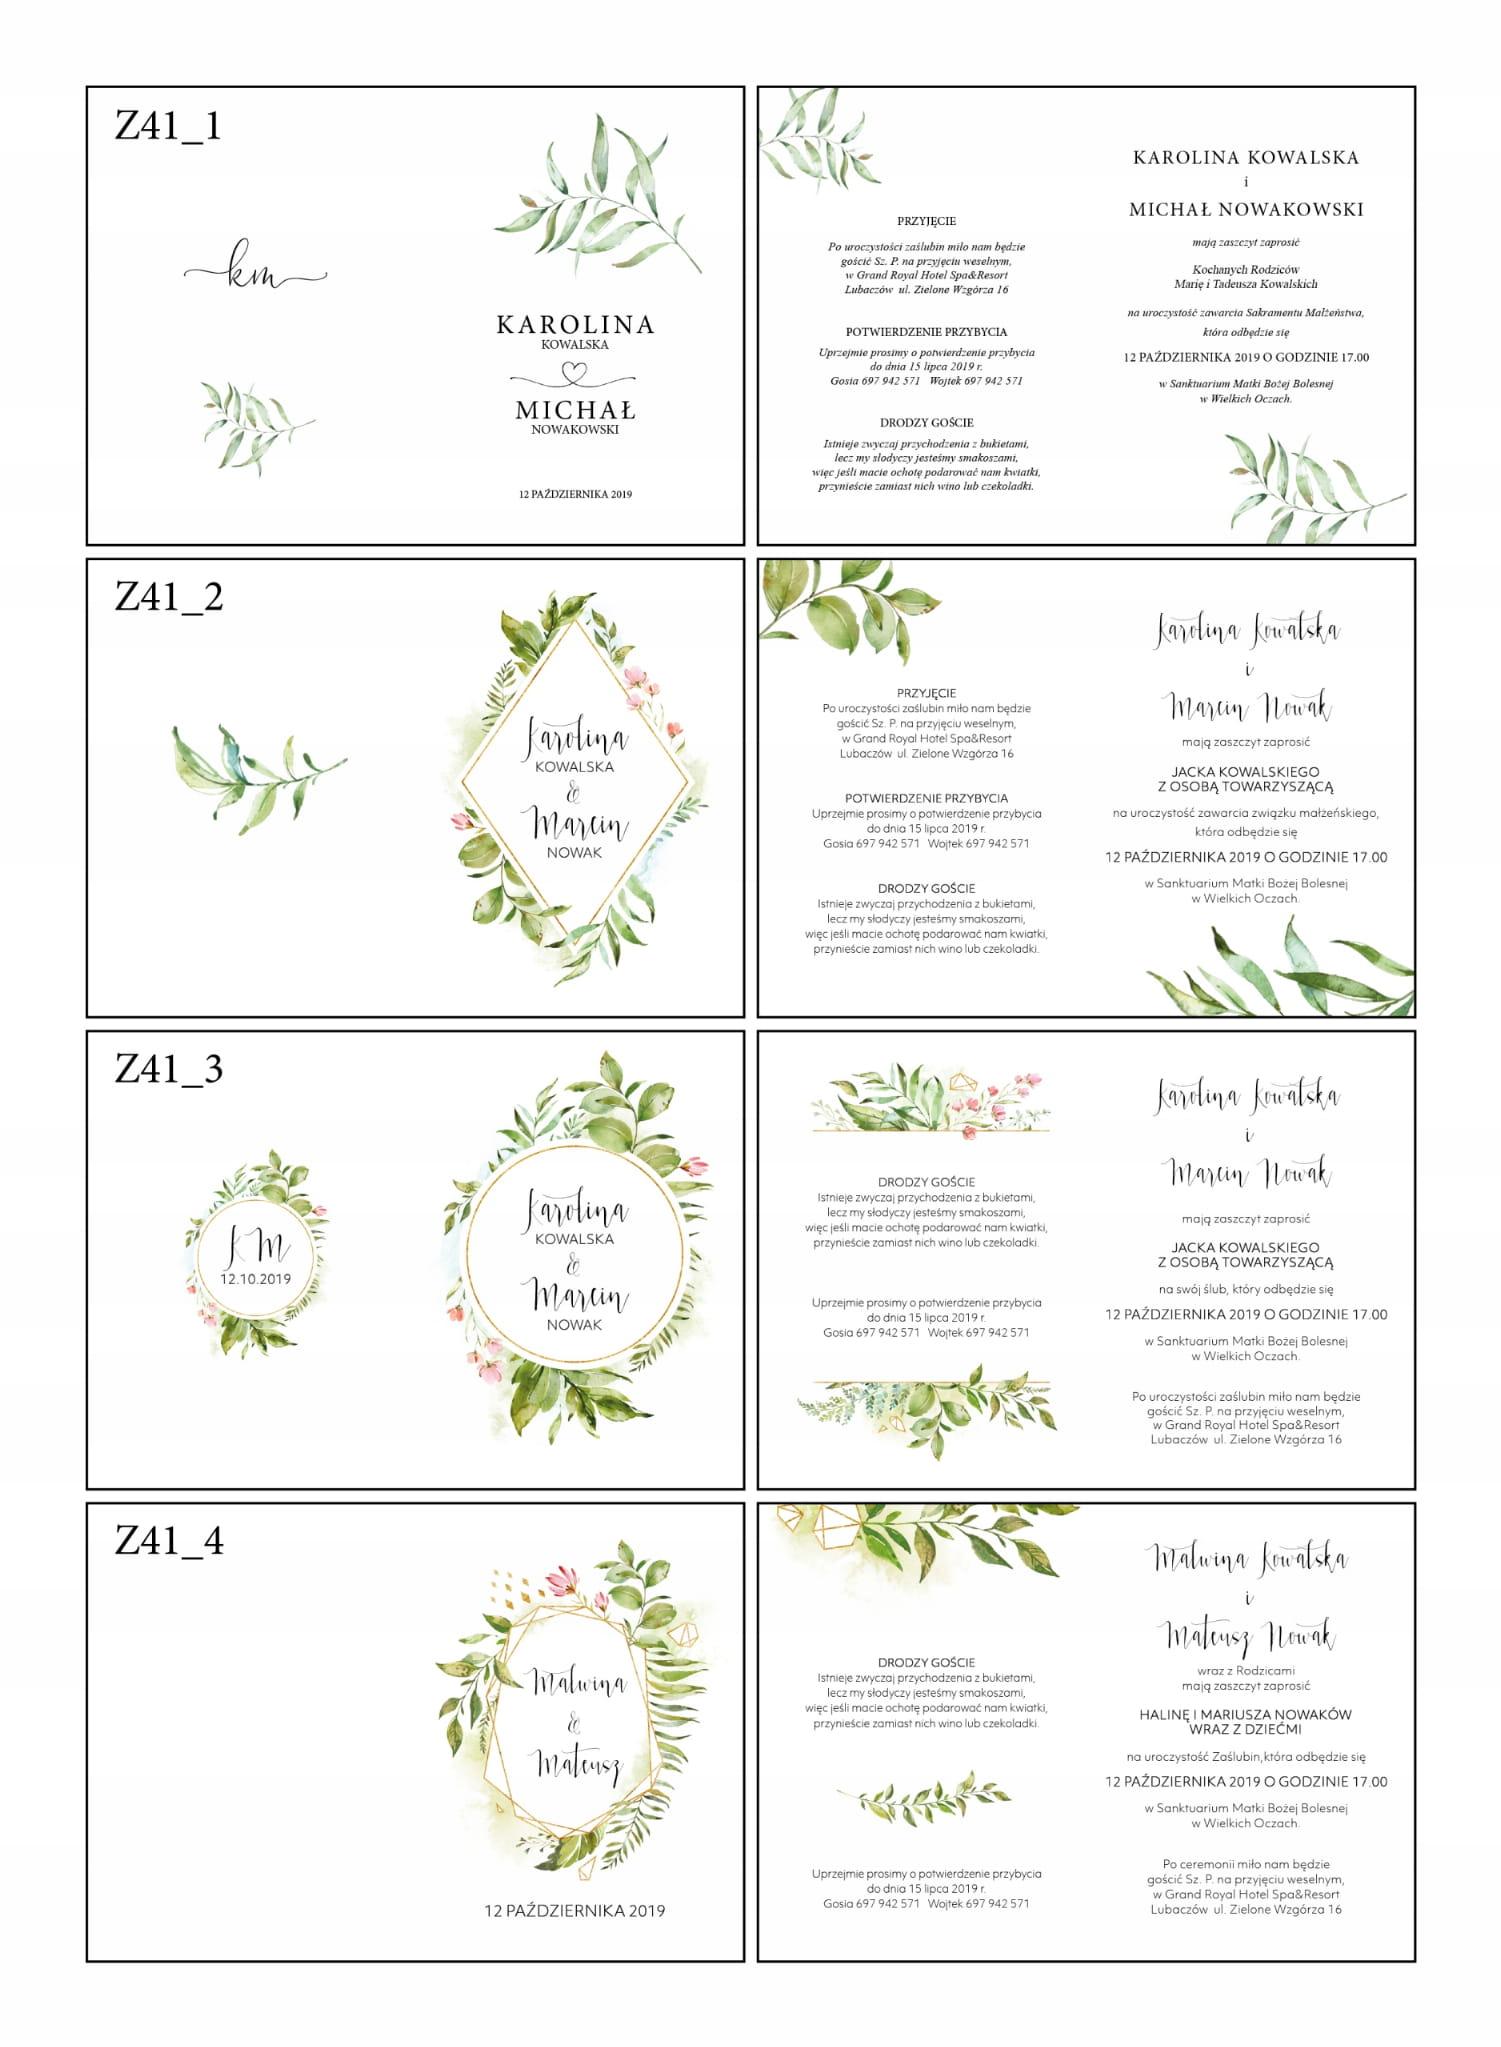 Zaproszenia ślubne Botaniczne Personalizacja Z41p Naszapracowniapl